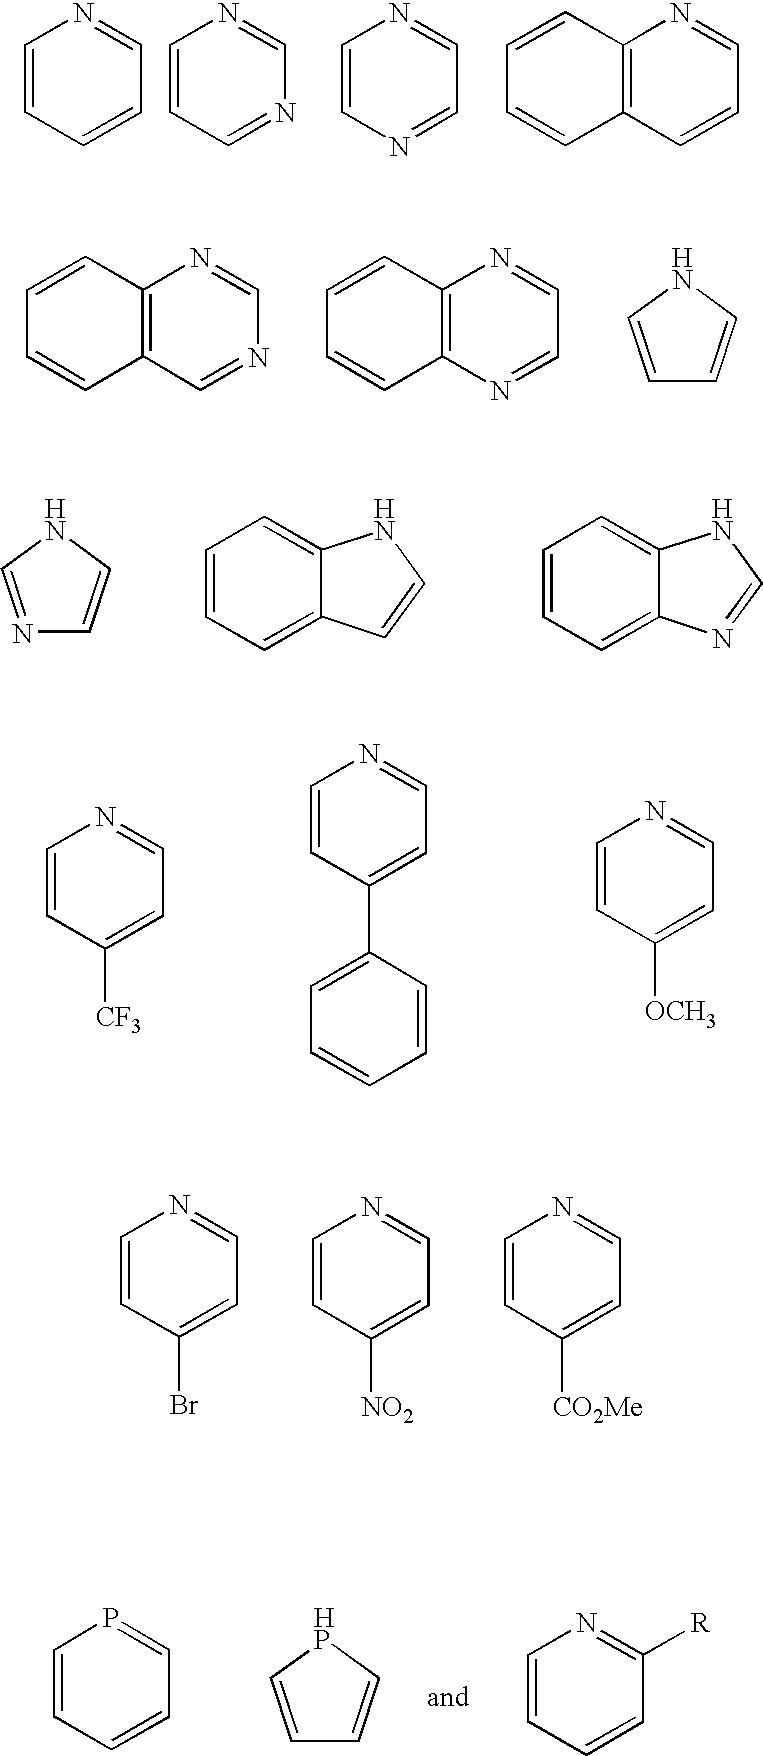 Figure US06818586-20041116-C00052